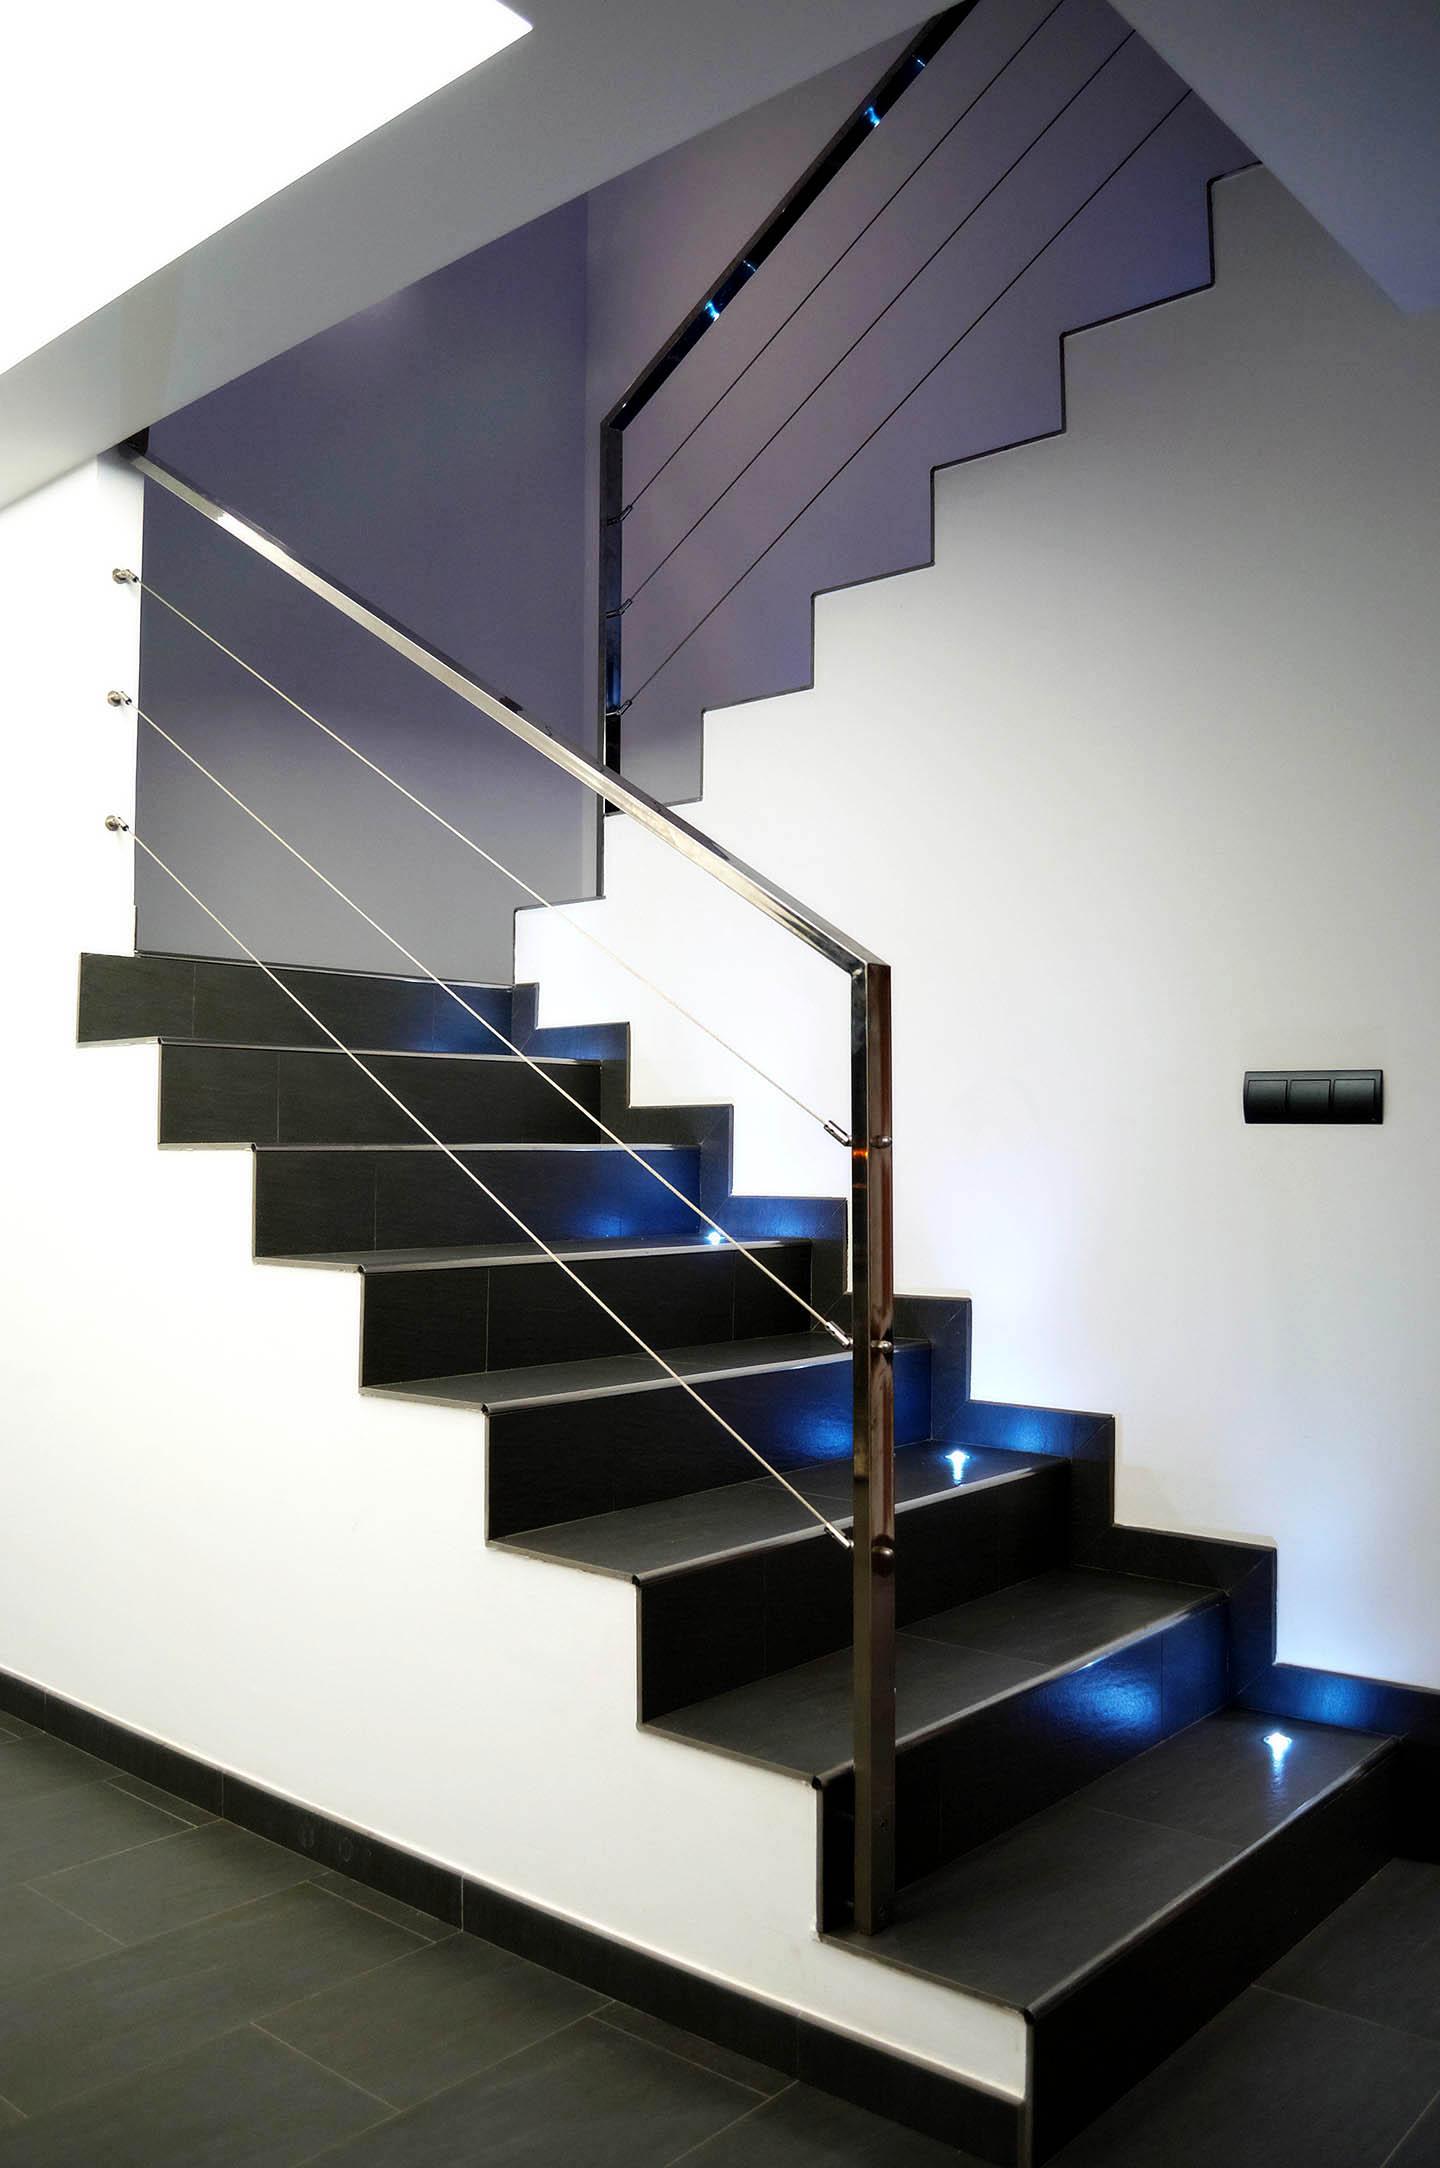 Escaleras intra arquitectos - Modelos de escaleras ...